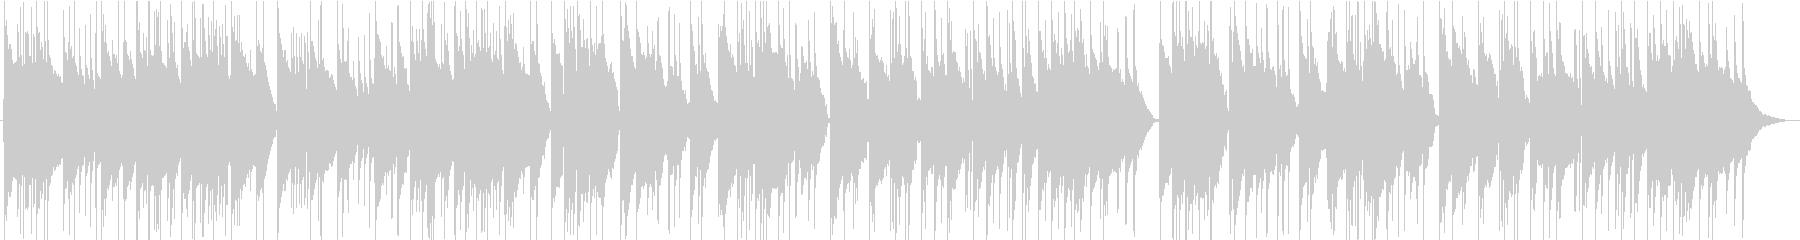 バッハ「リュート組曲第1番」よりの未再生の波形